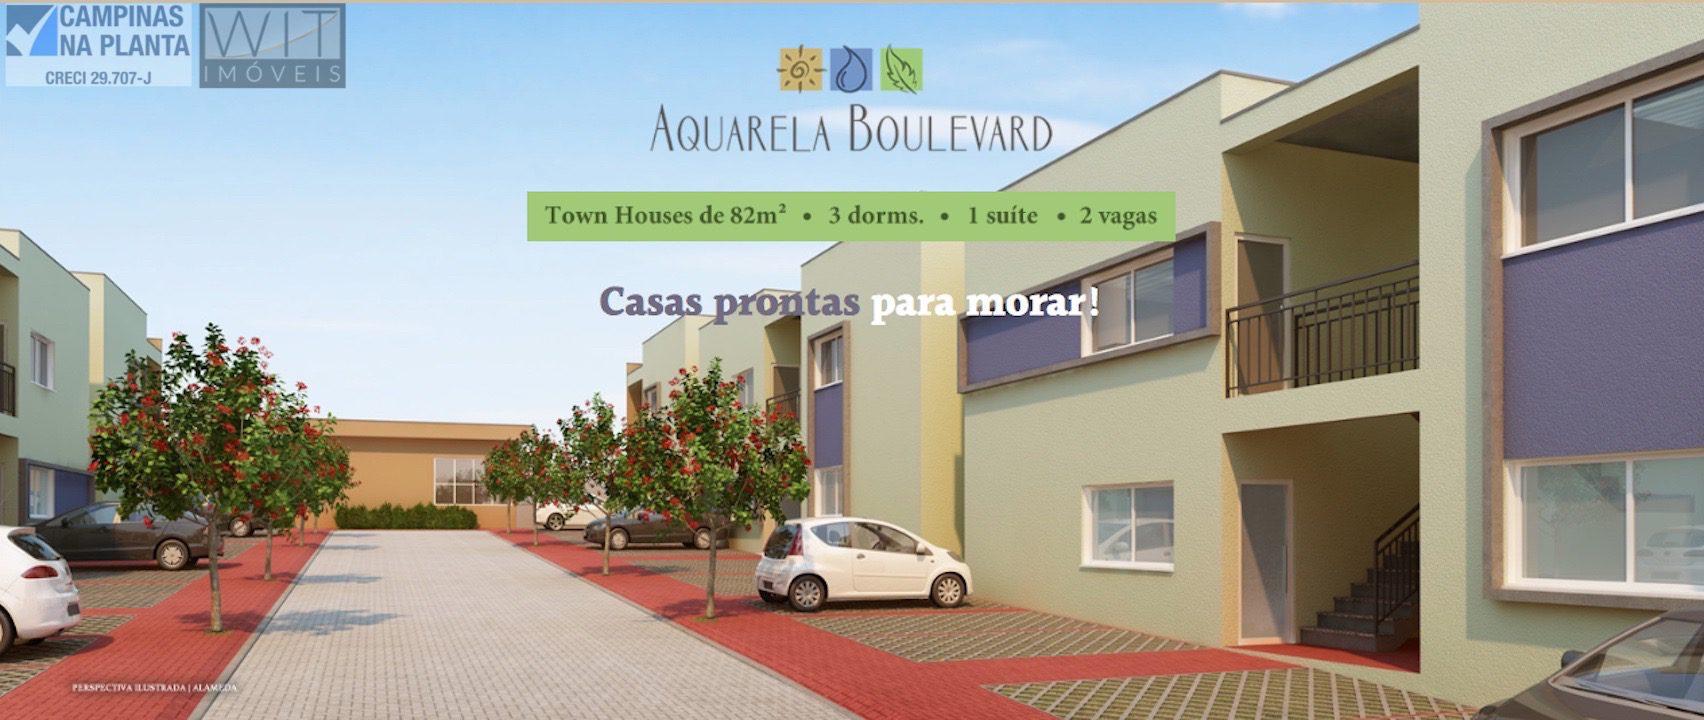 aquarela boulevard casas prontas para morar em campinas jd. novo campos elíseos